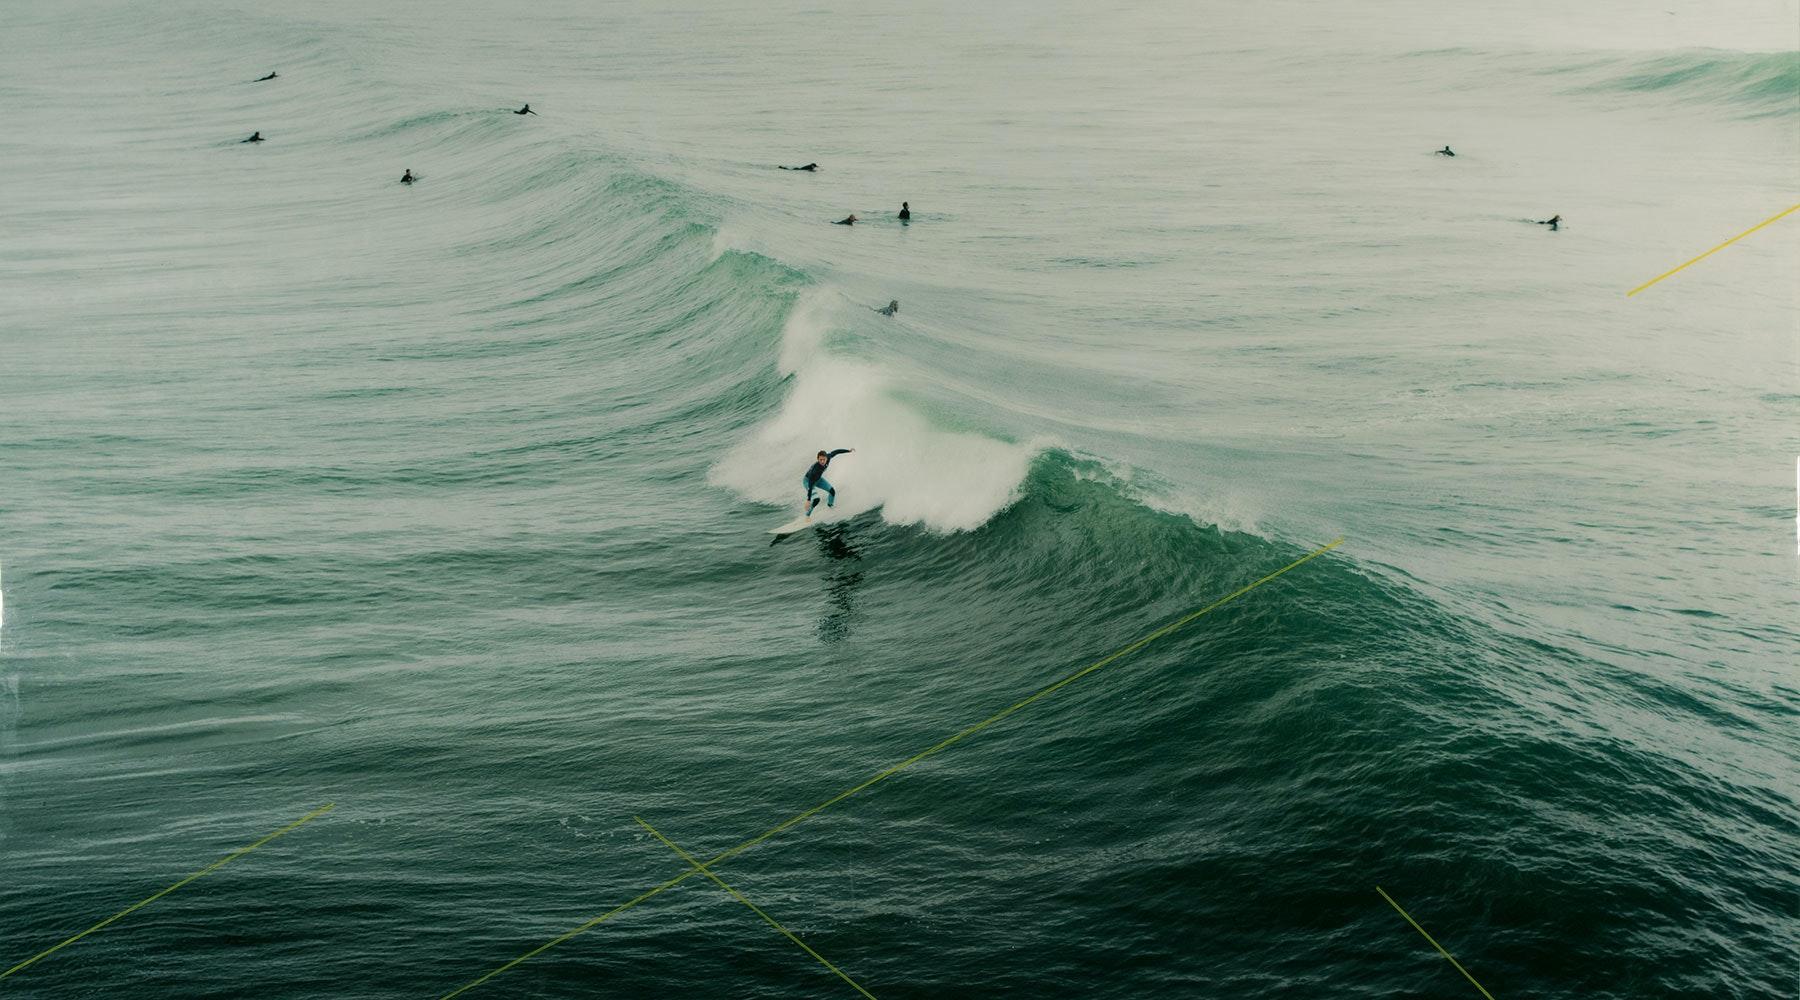 CHRISTINE FLYNN - CALIFORNIA SURFER